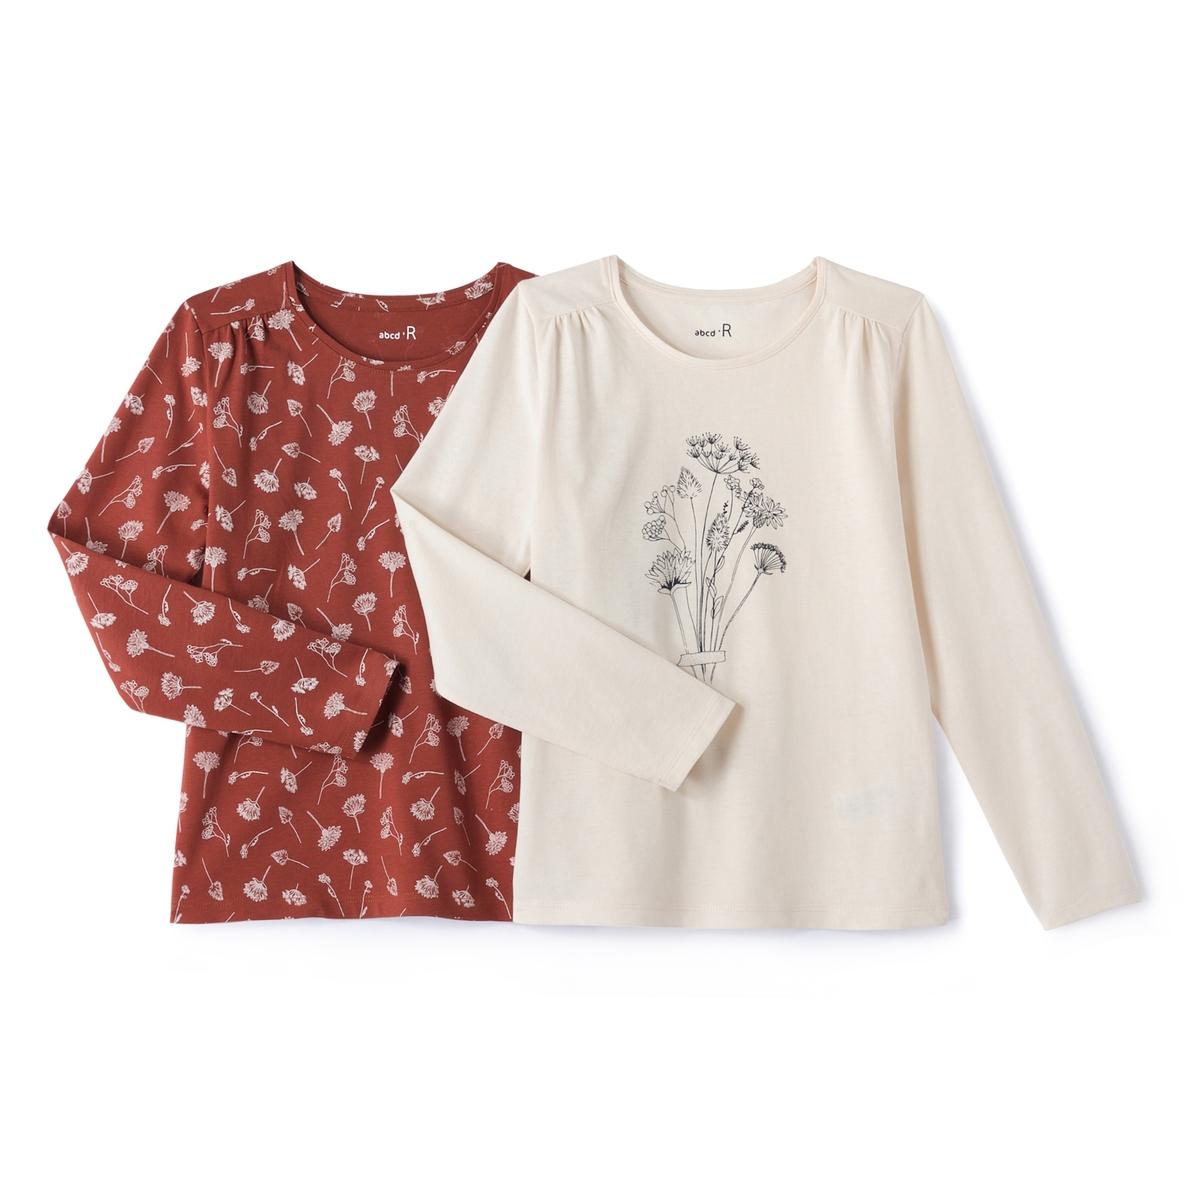 2 футболки с длинными рукавами и рисунком, 3-12 лет